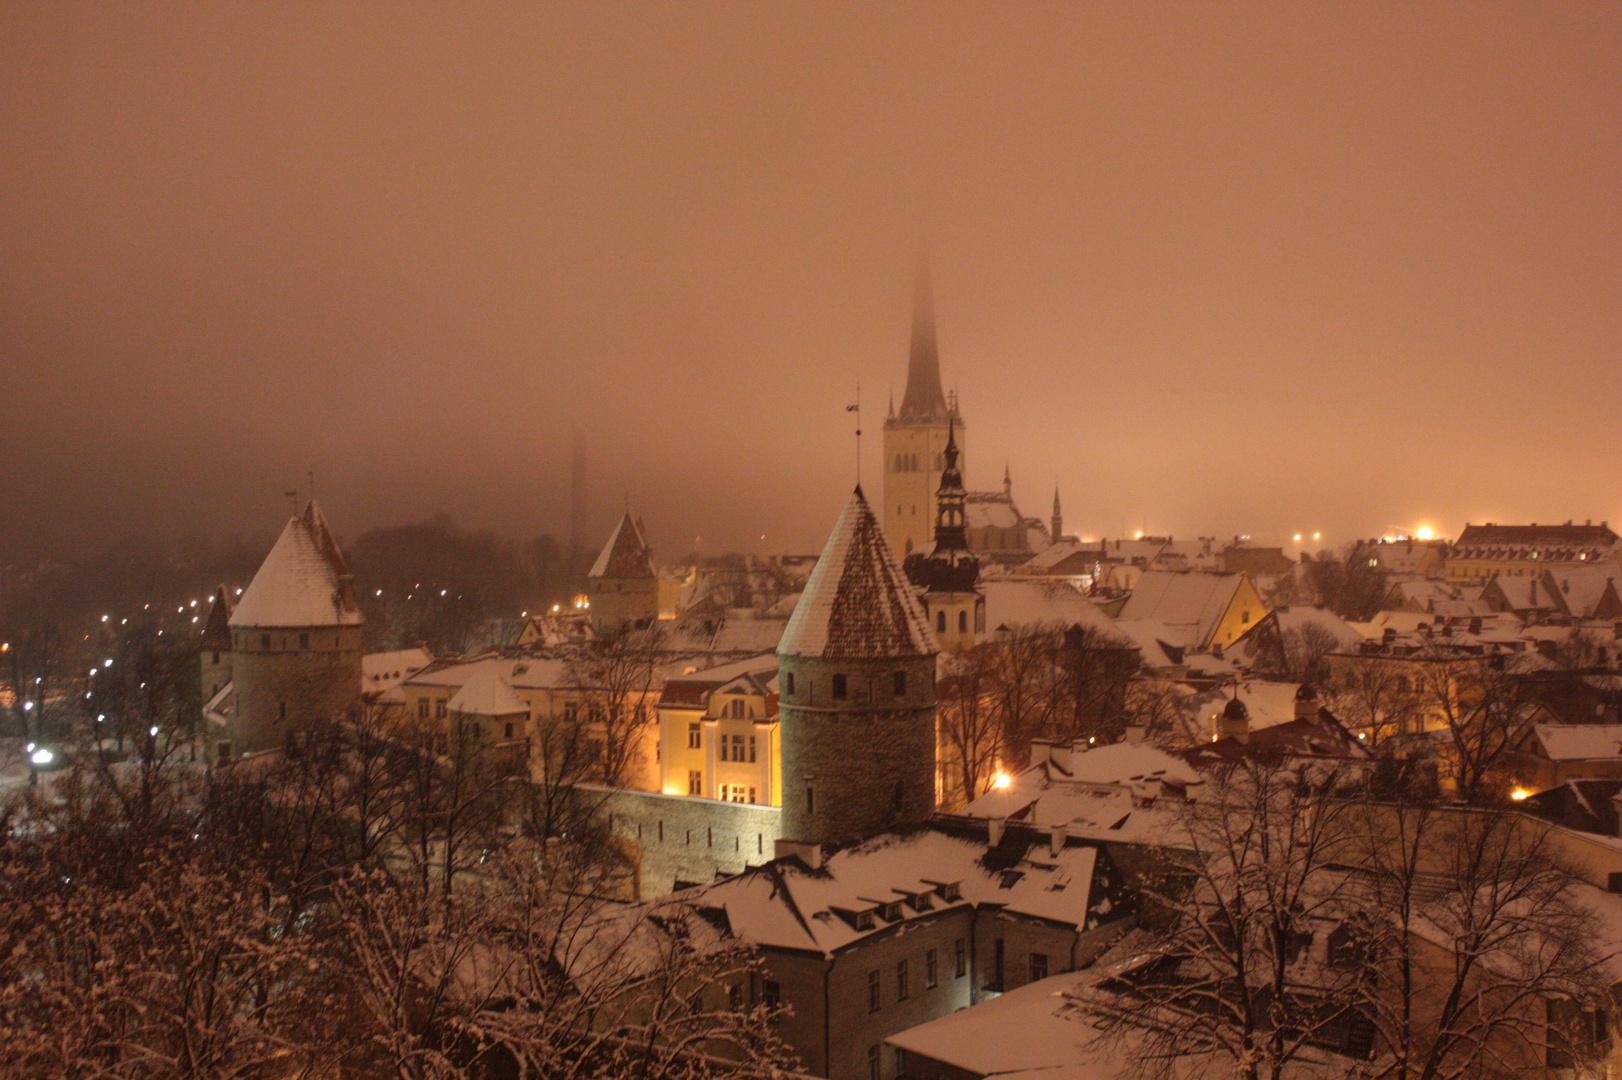 Tallinn at night.